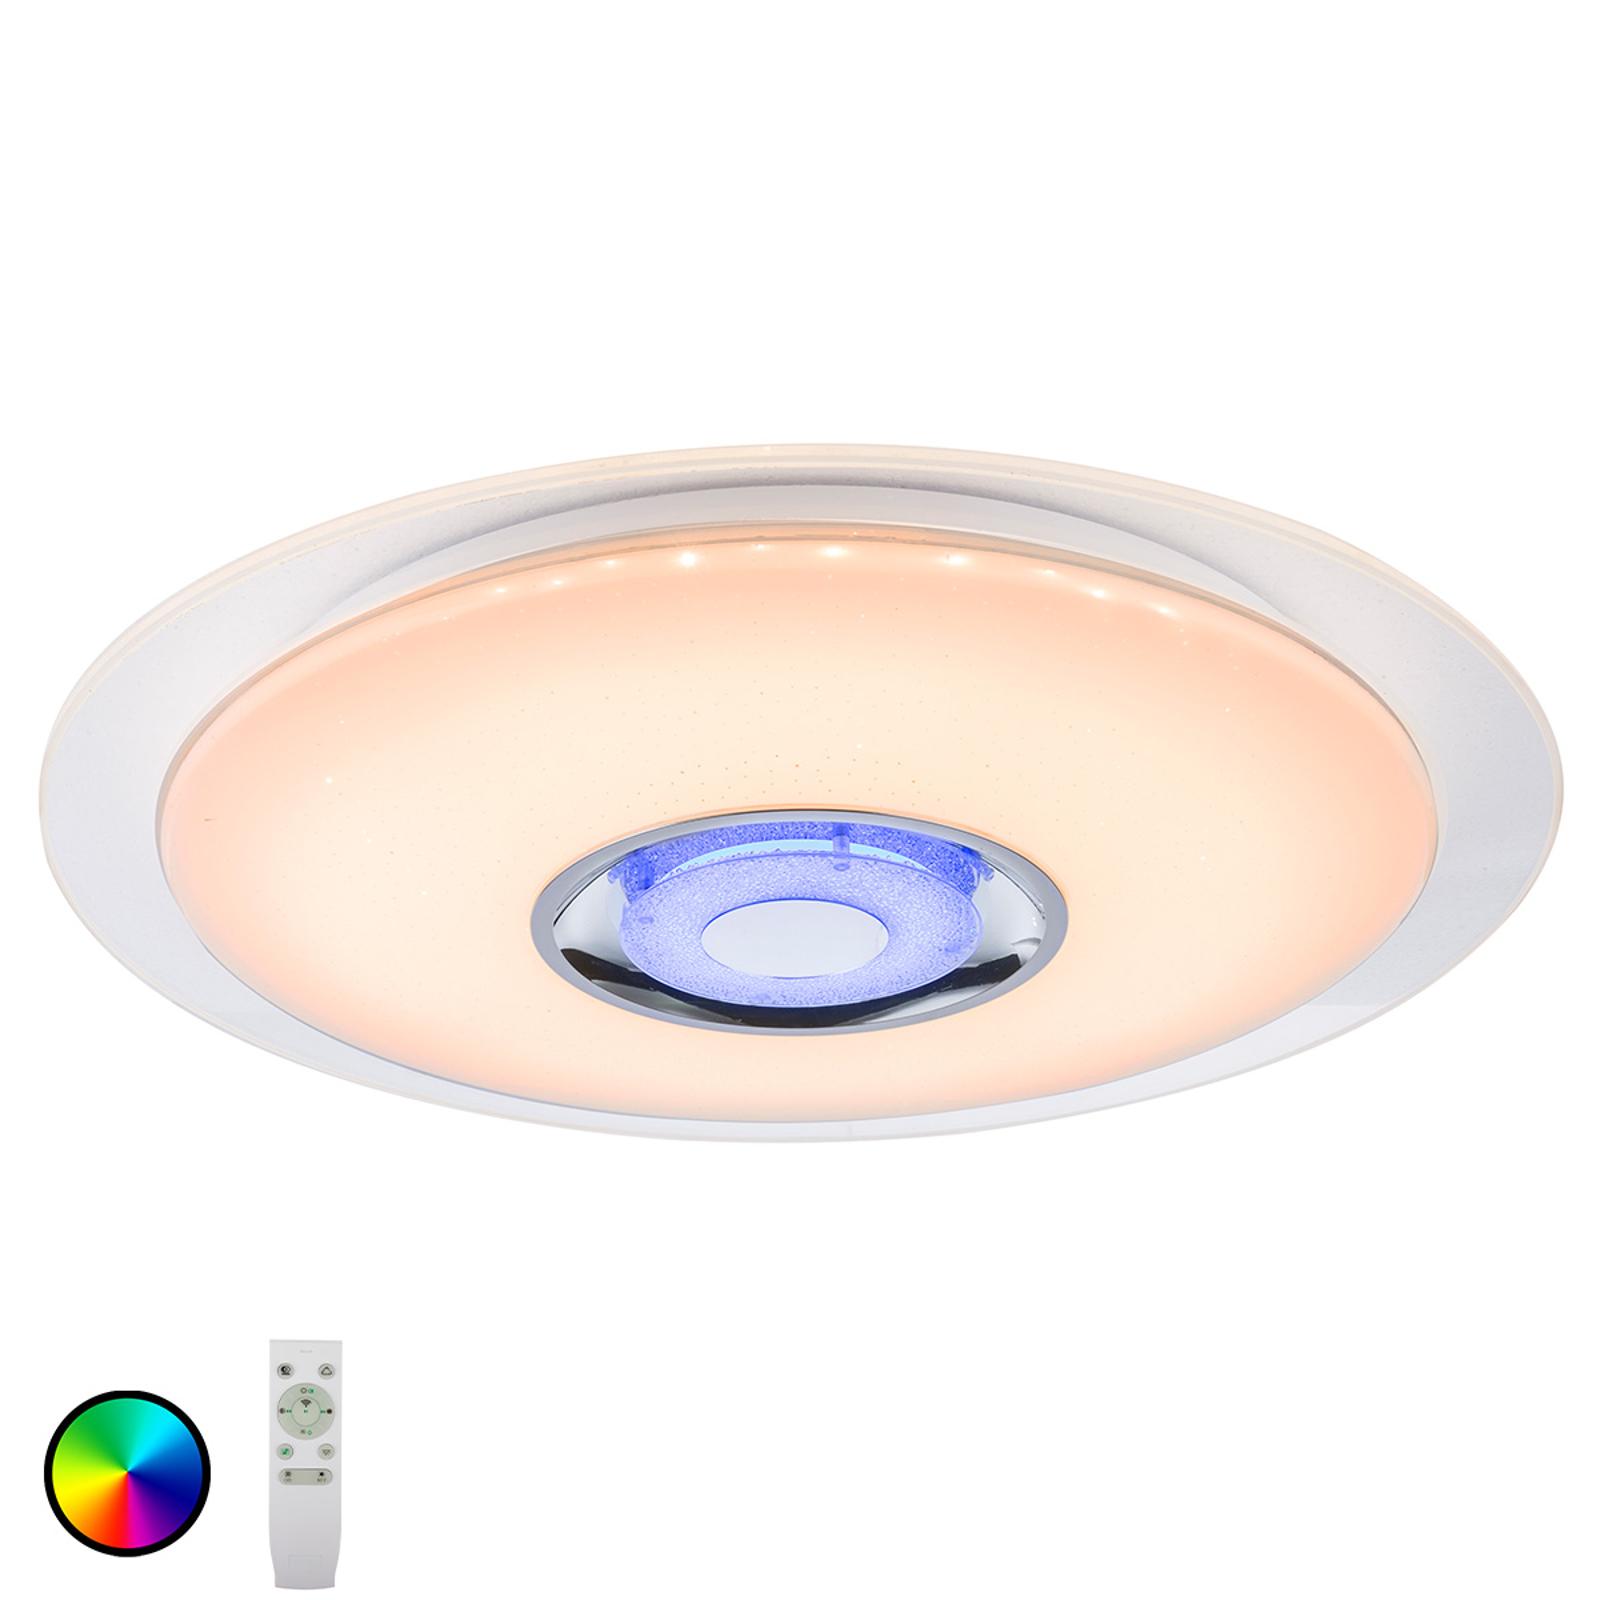 Lampa sufitowa LED Tune RGB z głośnikiem Ø 47,5